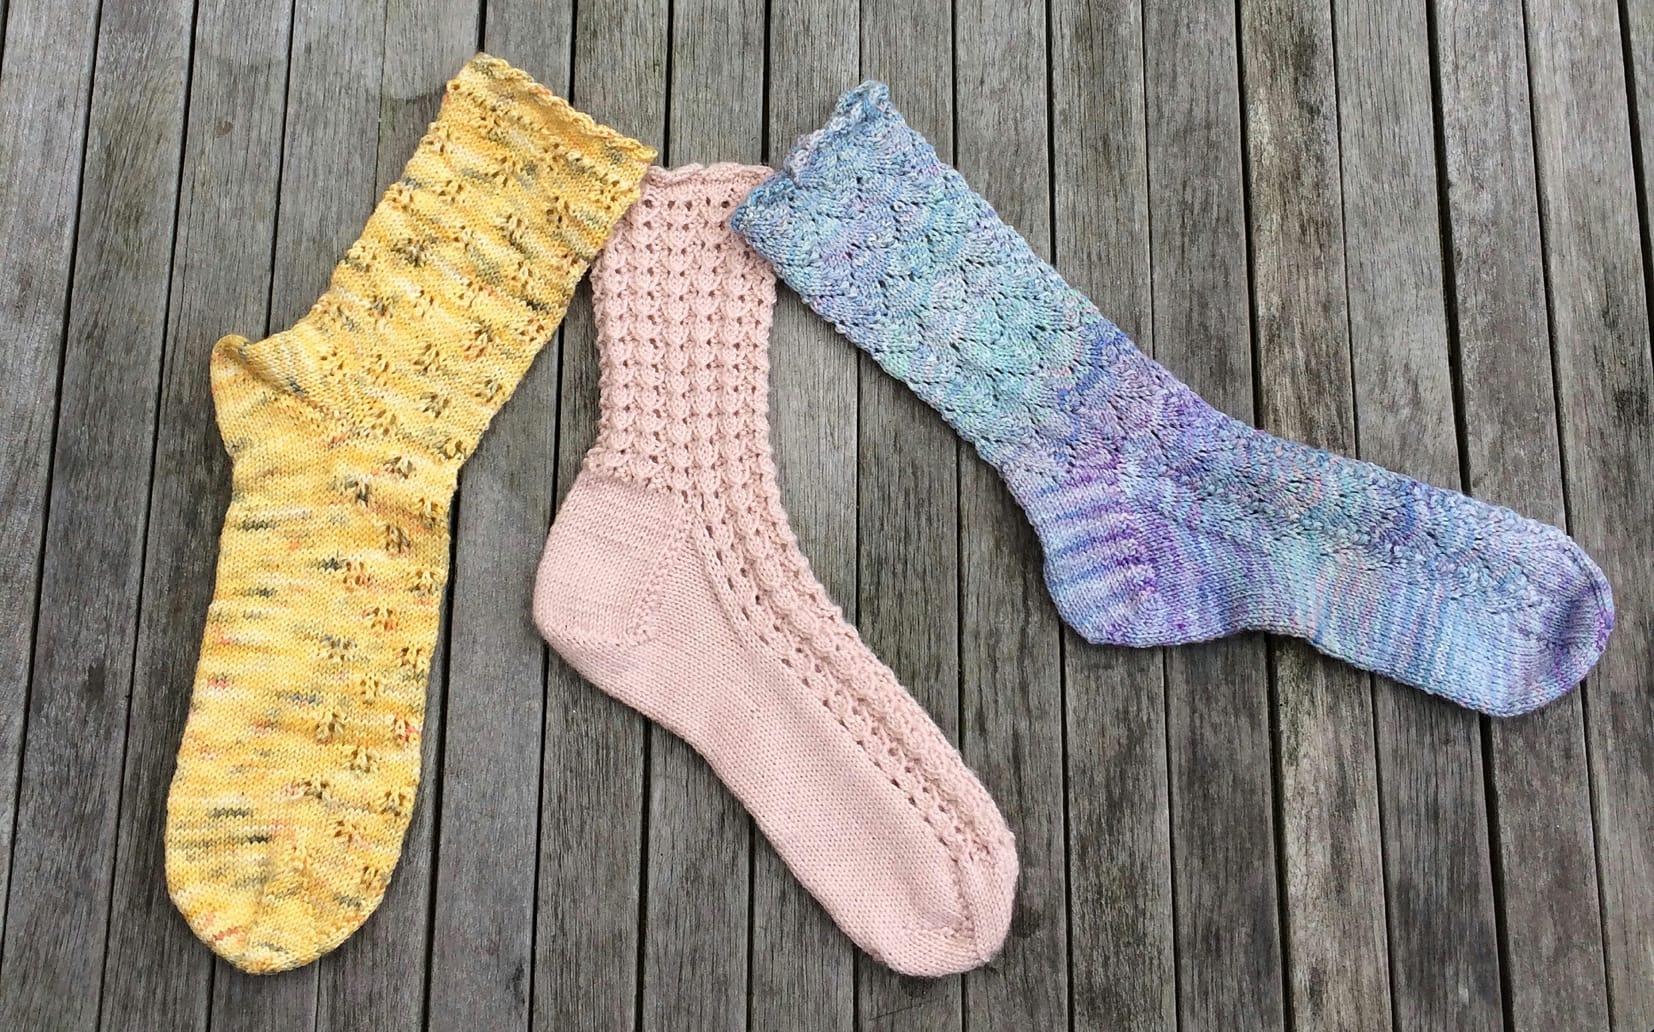 Knitting Groups Edinburgh : August newsletter knit for peace